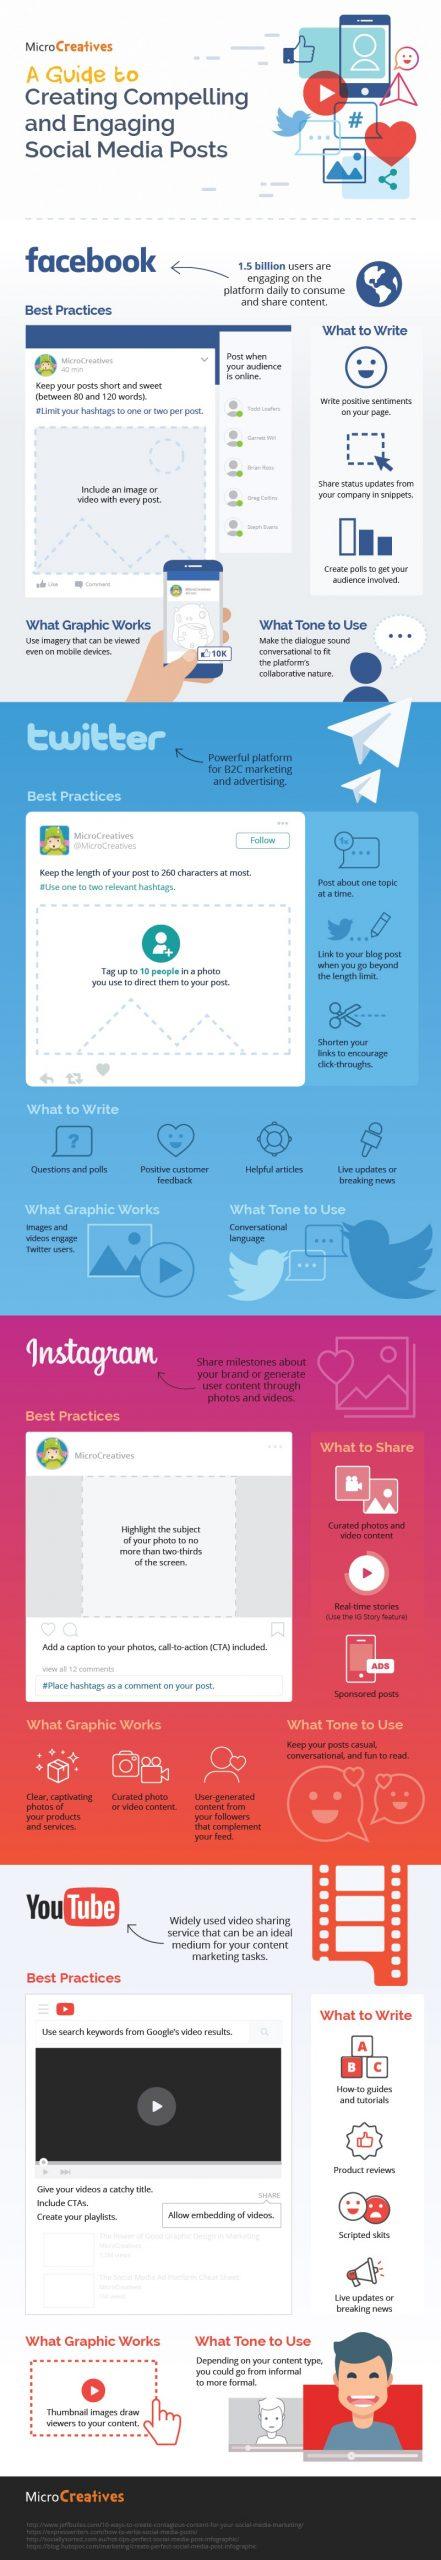 Jak angażować odbiorców w mediach społecznościowych?